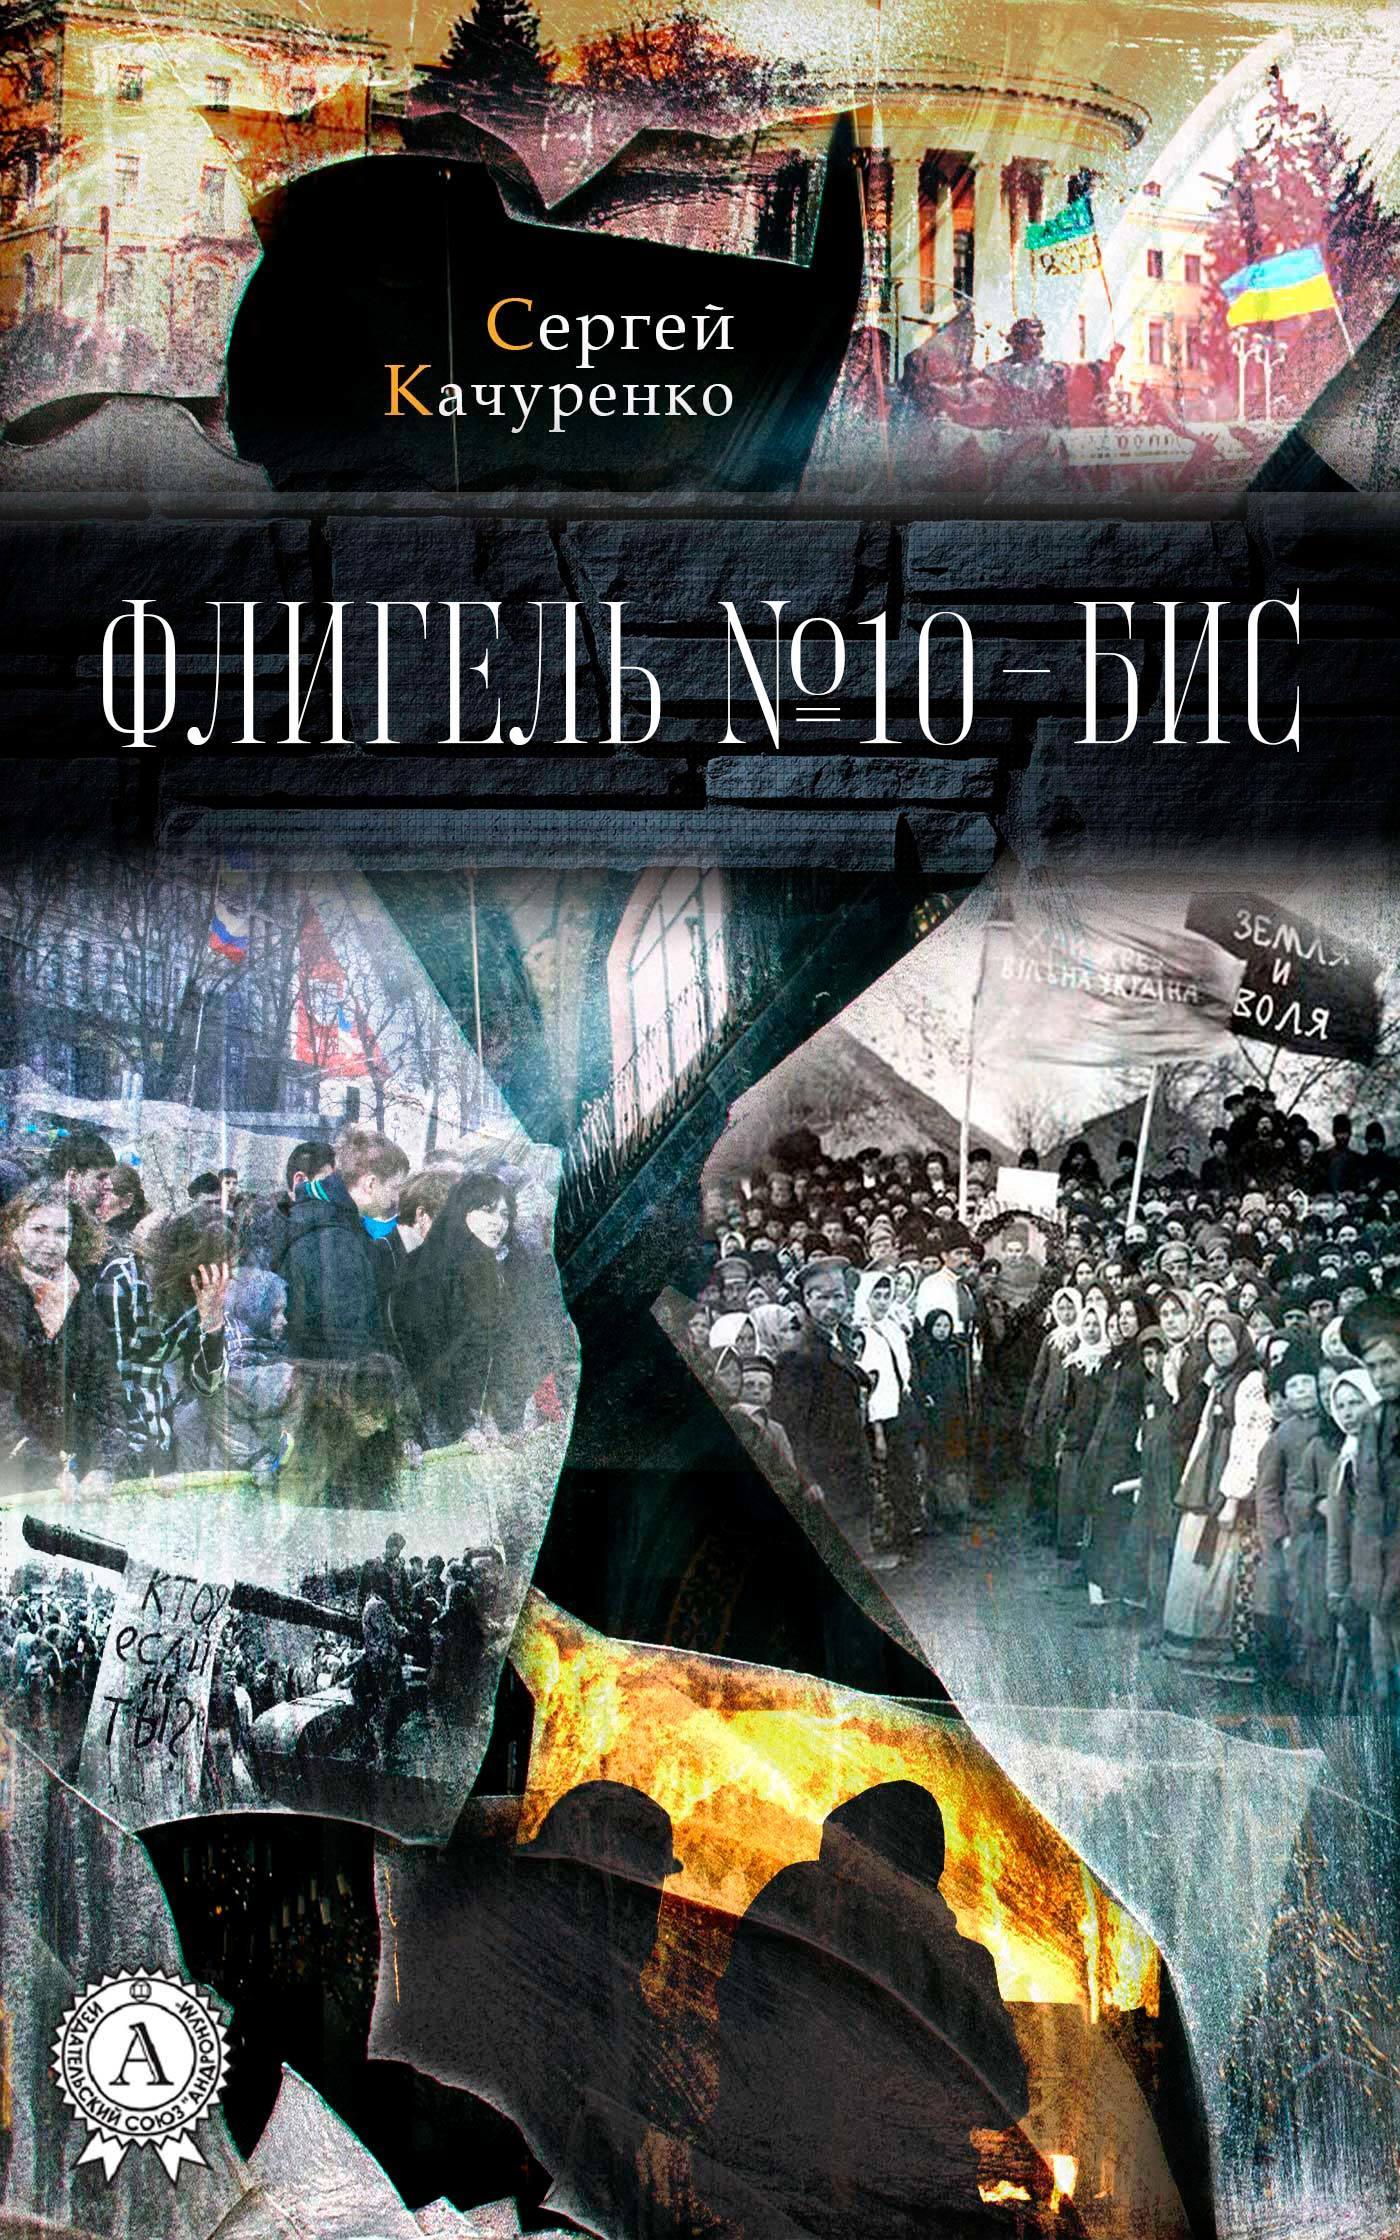 Флигель №10-бис_Сергей Качуренко